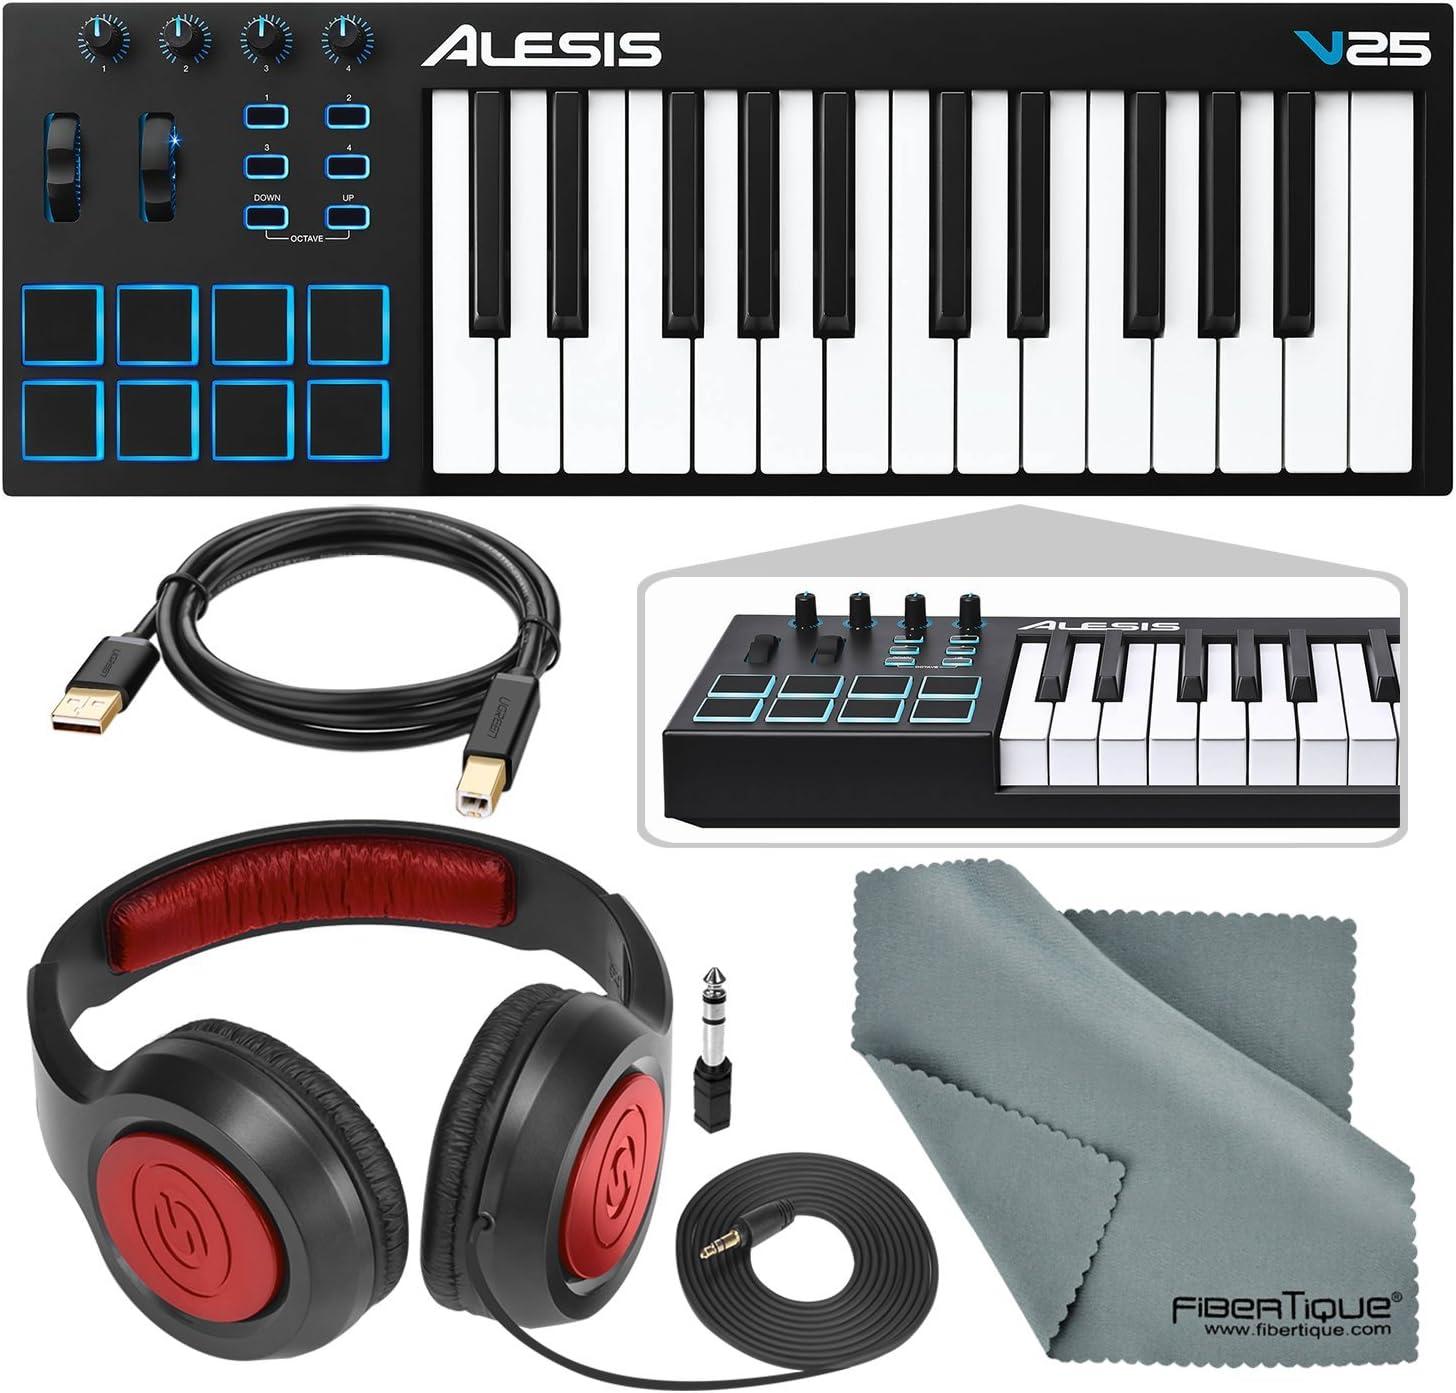 Alesis V25 Controlador de teclado MIDI USB de 25 teclas y ...